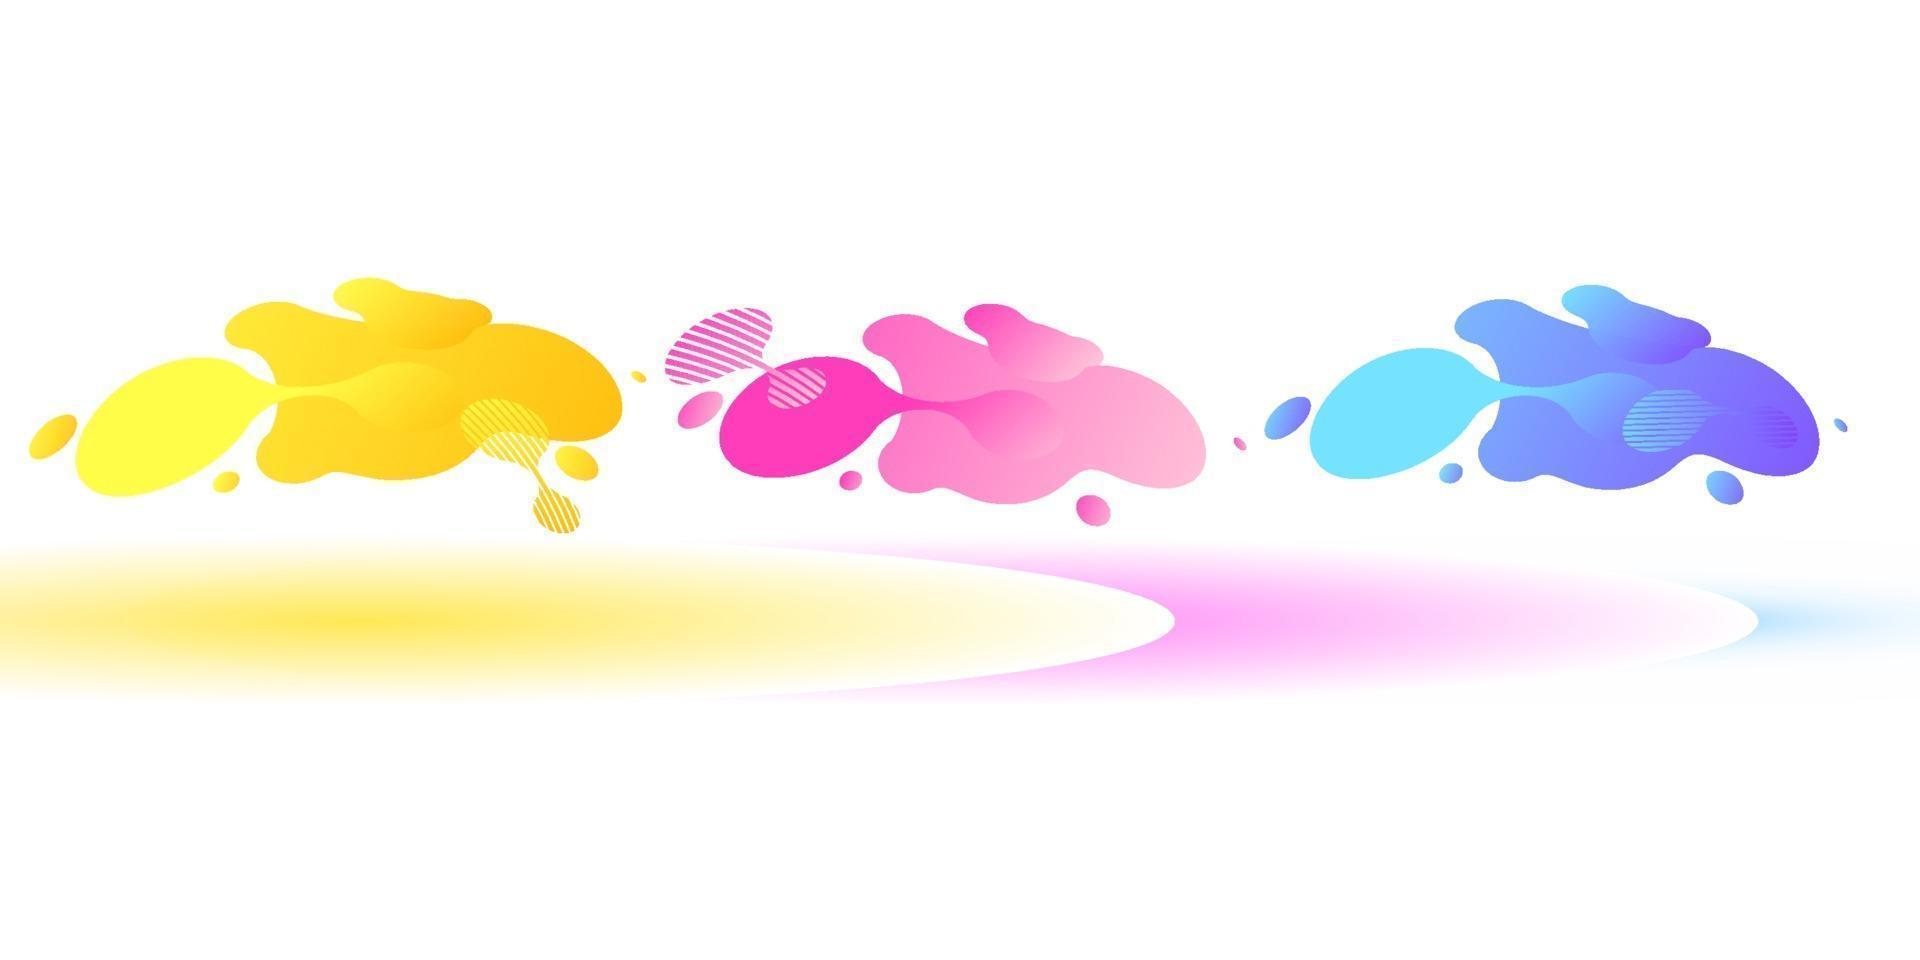 abstrakta geometriska former. flytande gradient banners isolerad på vit bakgrund. flytande vektor bakgrund. gradient geometriska banners med flytande flytande former. dynamisk vätskedesign för logotyp, flygblad eller present. abstrakt vektor bakgrund